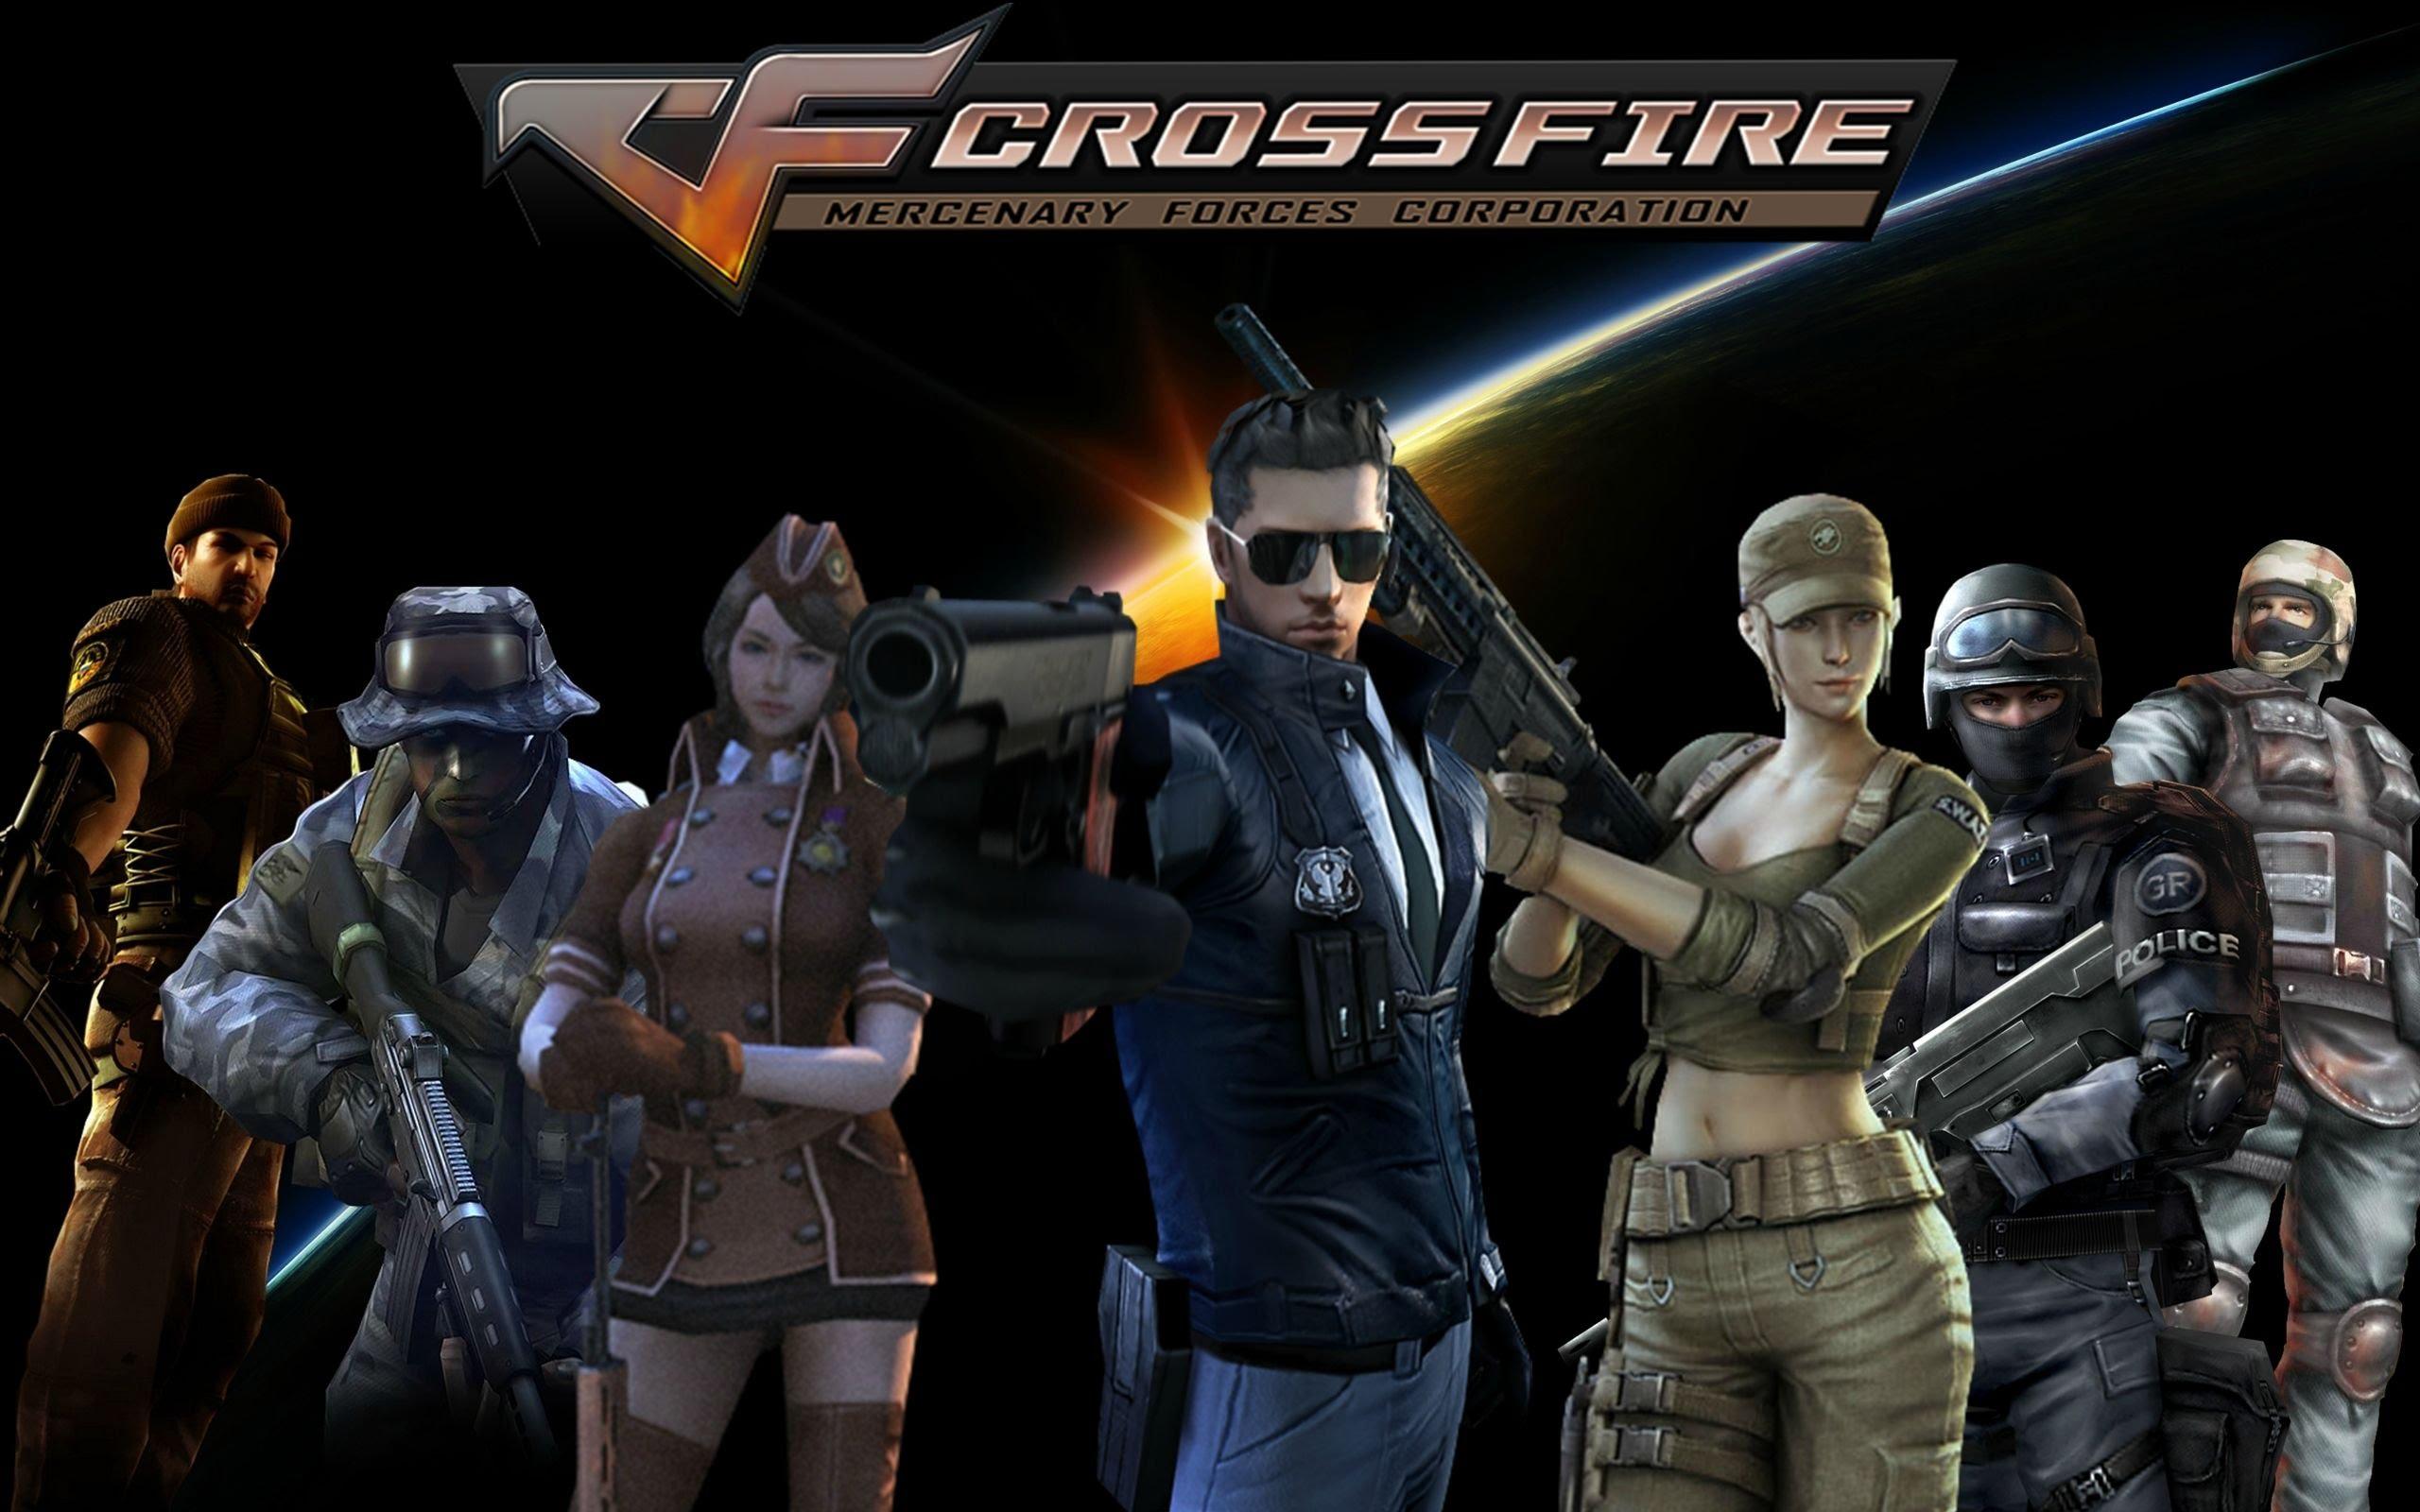 Cross Fire, CF legends, CF là gì